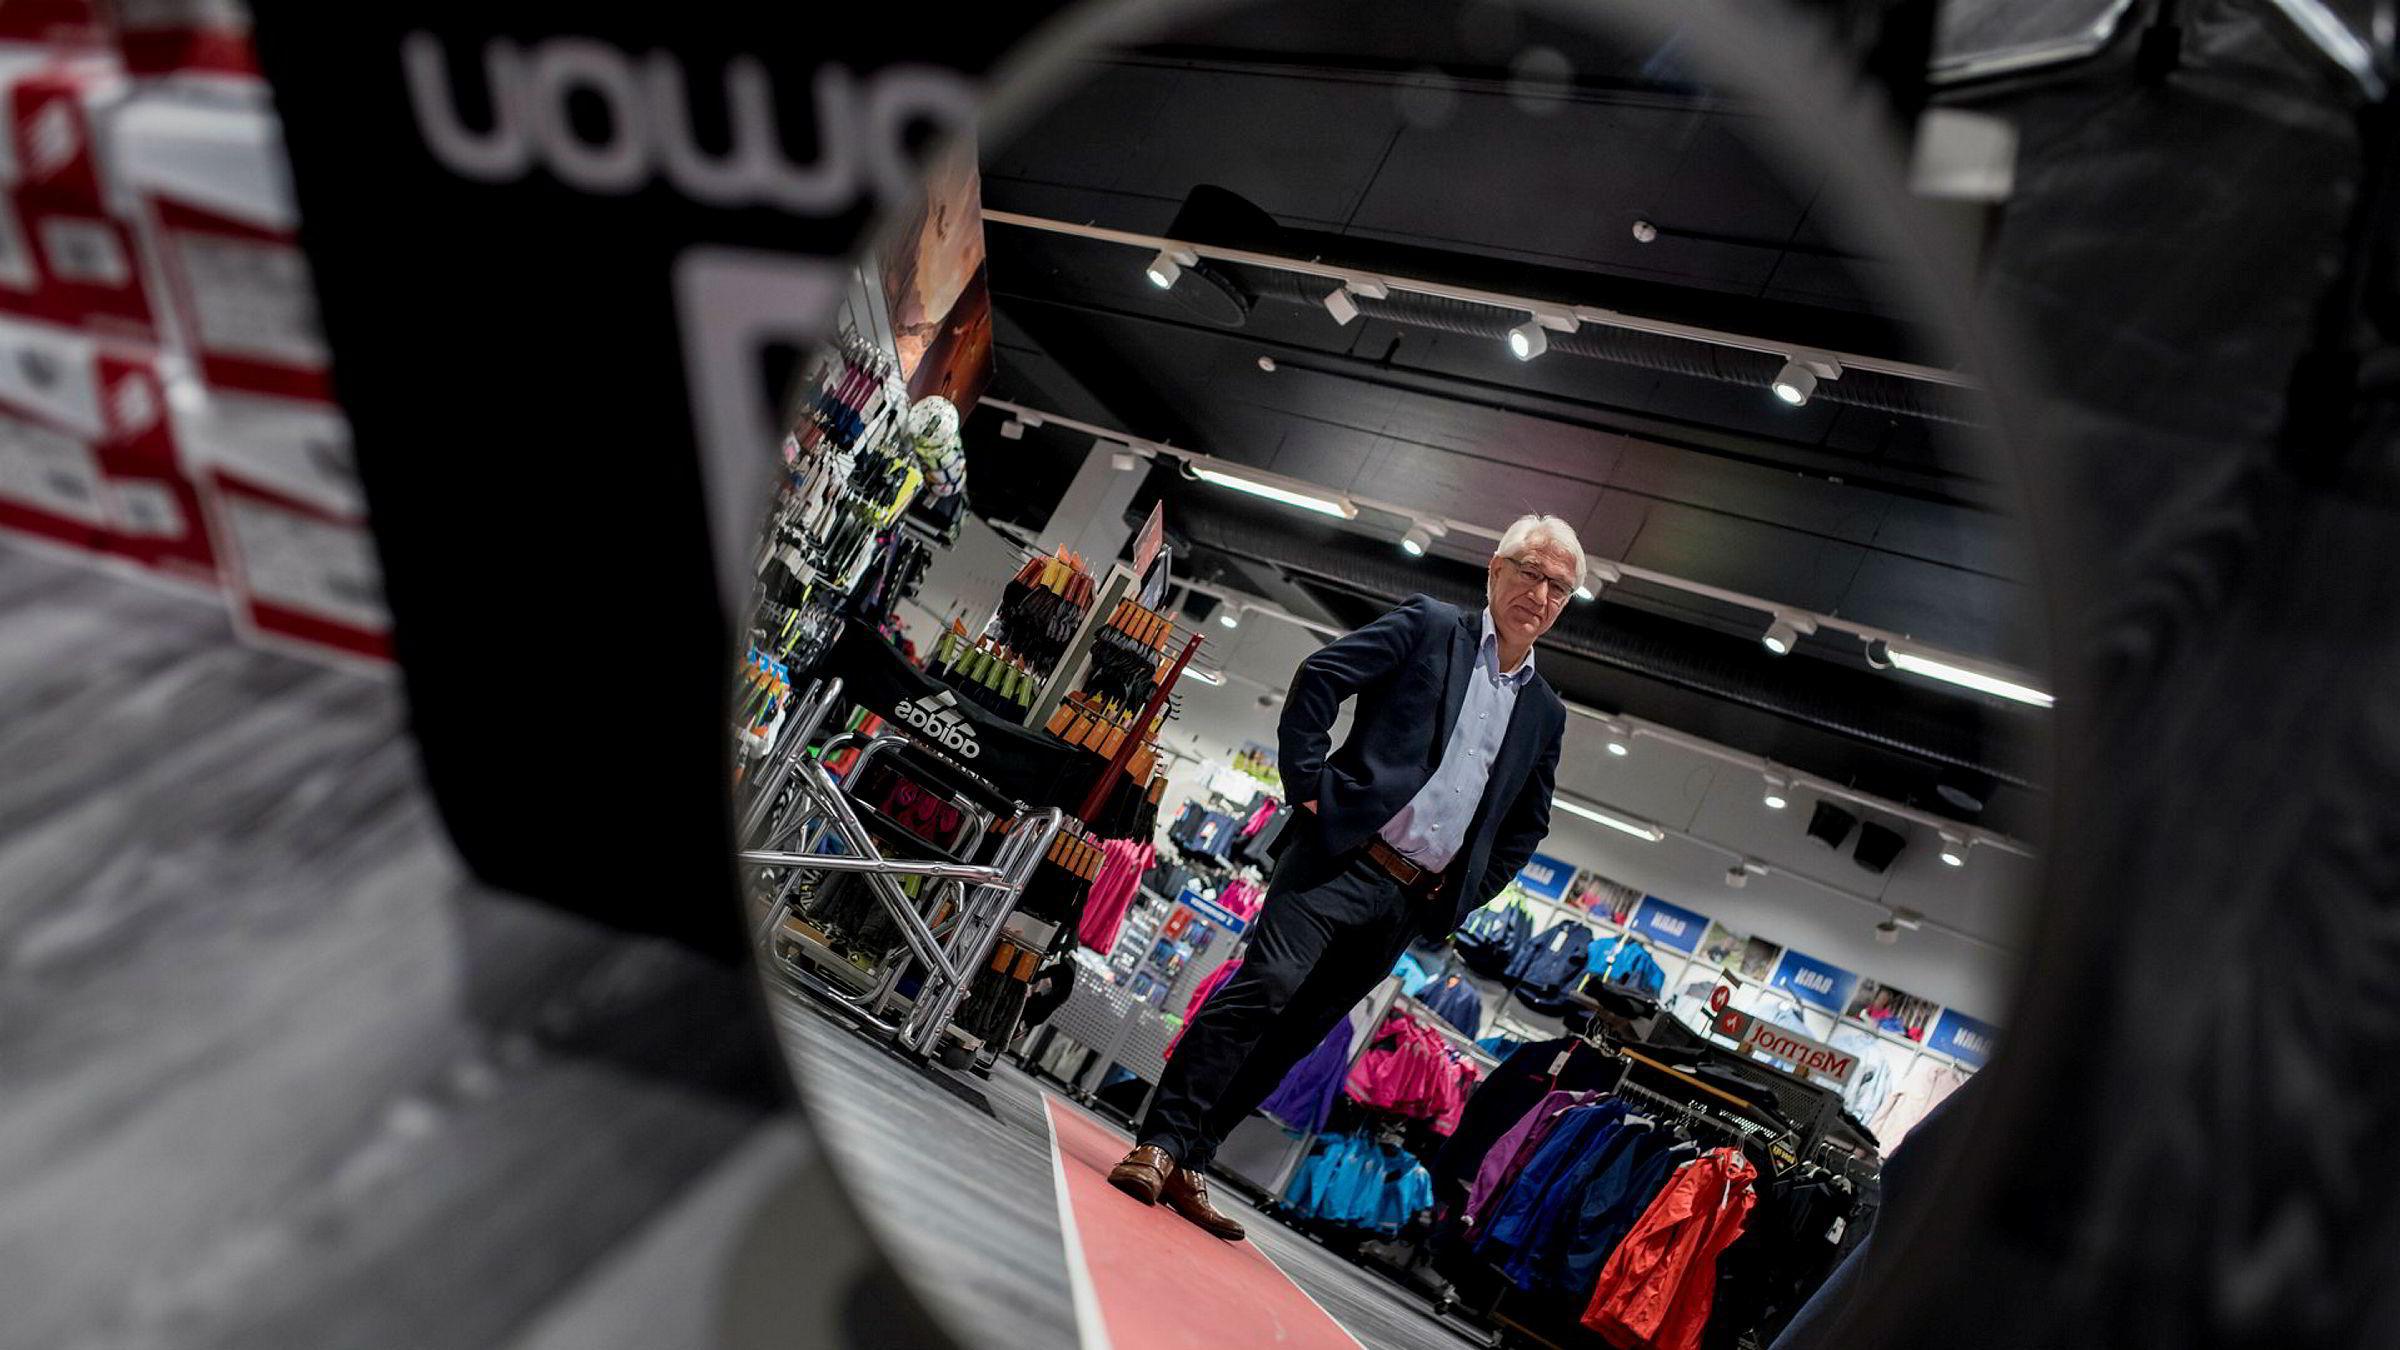 Sportsbransjen er en av bransjene som nå kan oppleve en ny korreksjon, ifølge handelsekspert Reidar Mueller. Som kjedesjef i MX-sport representerer Petter Bjørheim en liten aktør som blir utfordret av giganten XXL. Her besøker han butikken i kjøpesenteret Kilden i Stavanger.